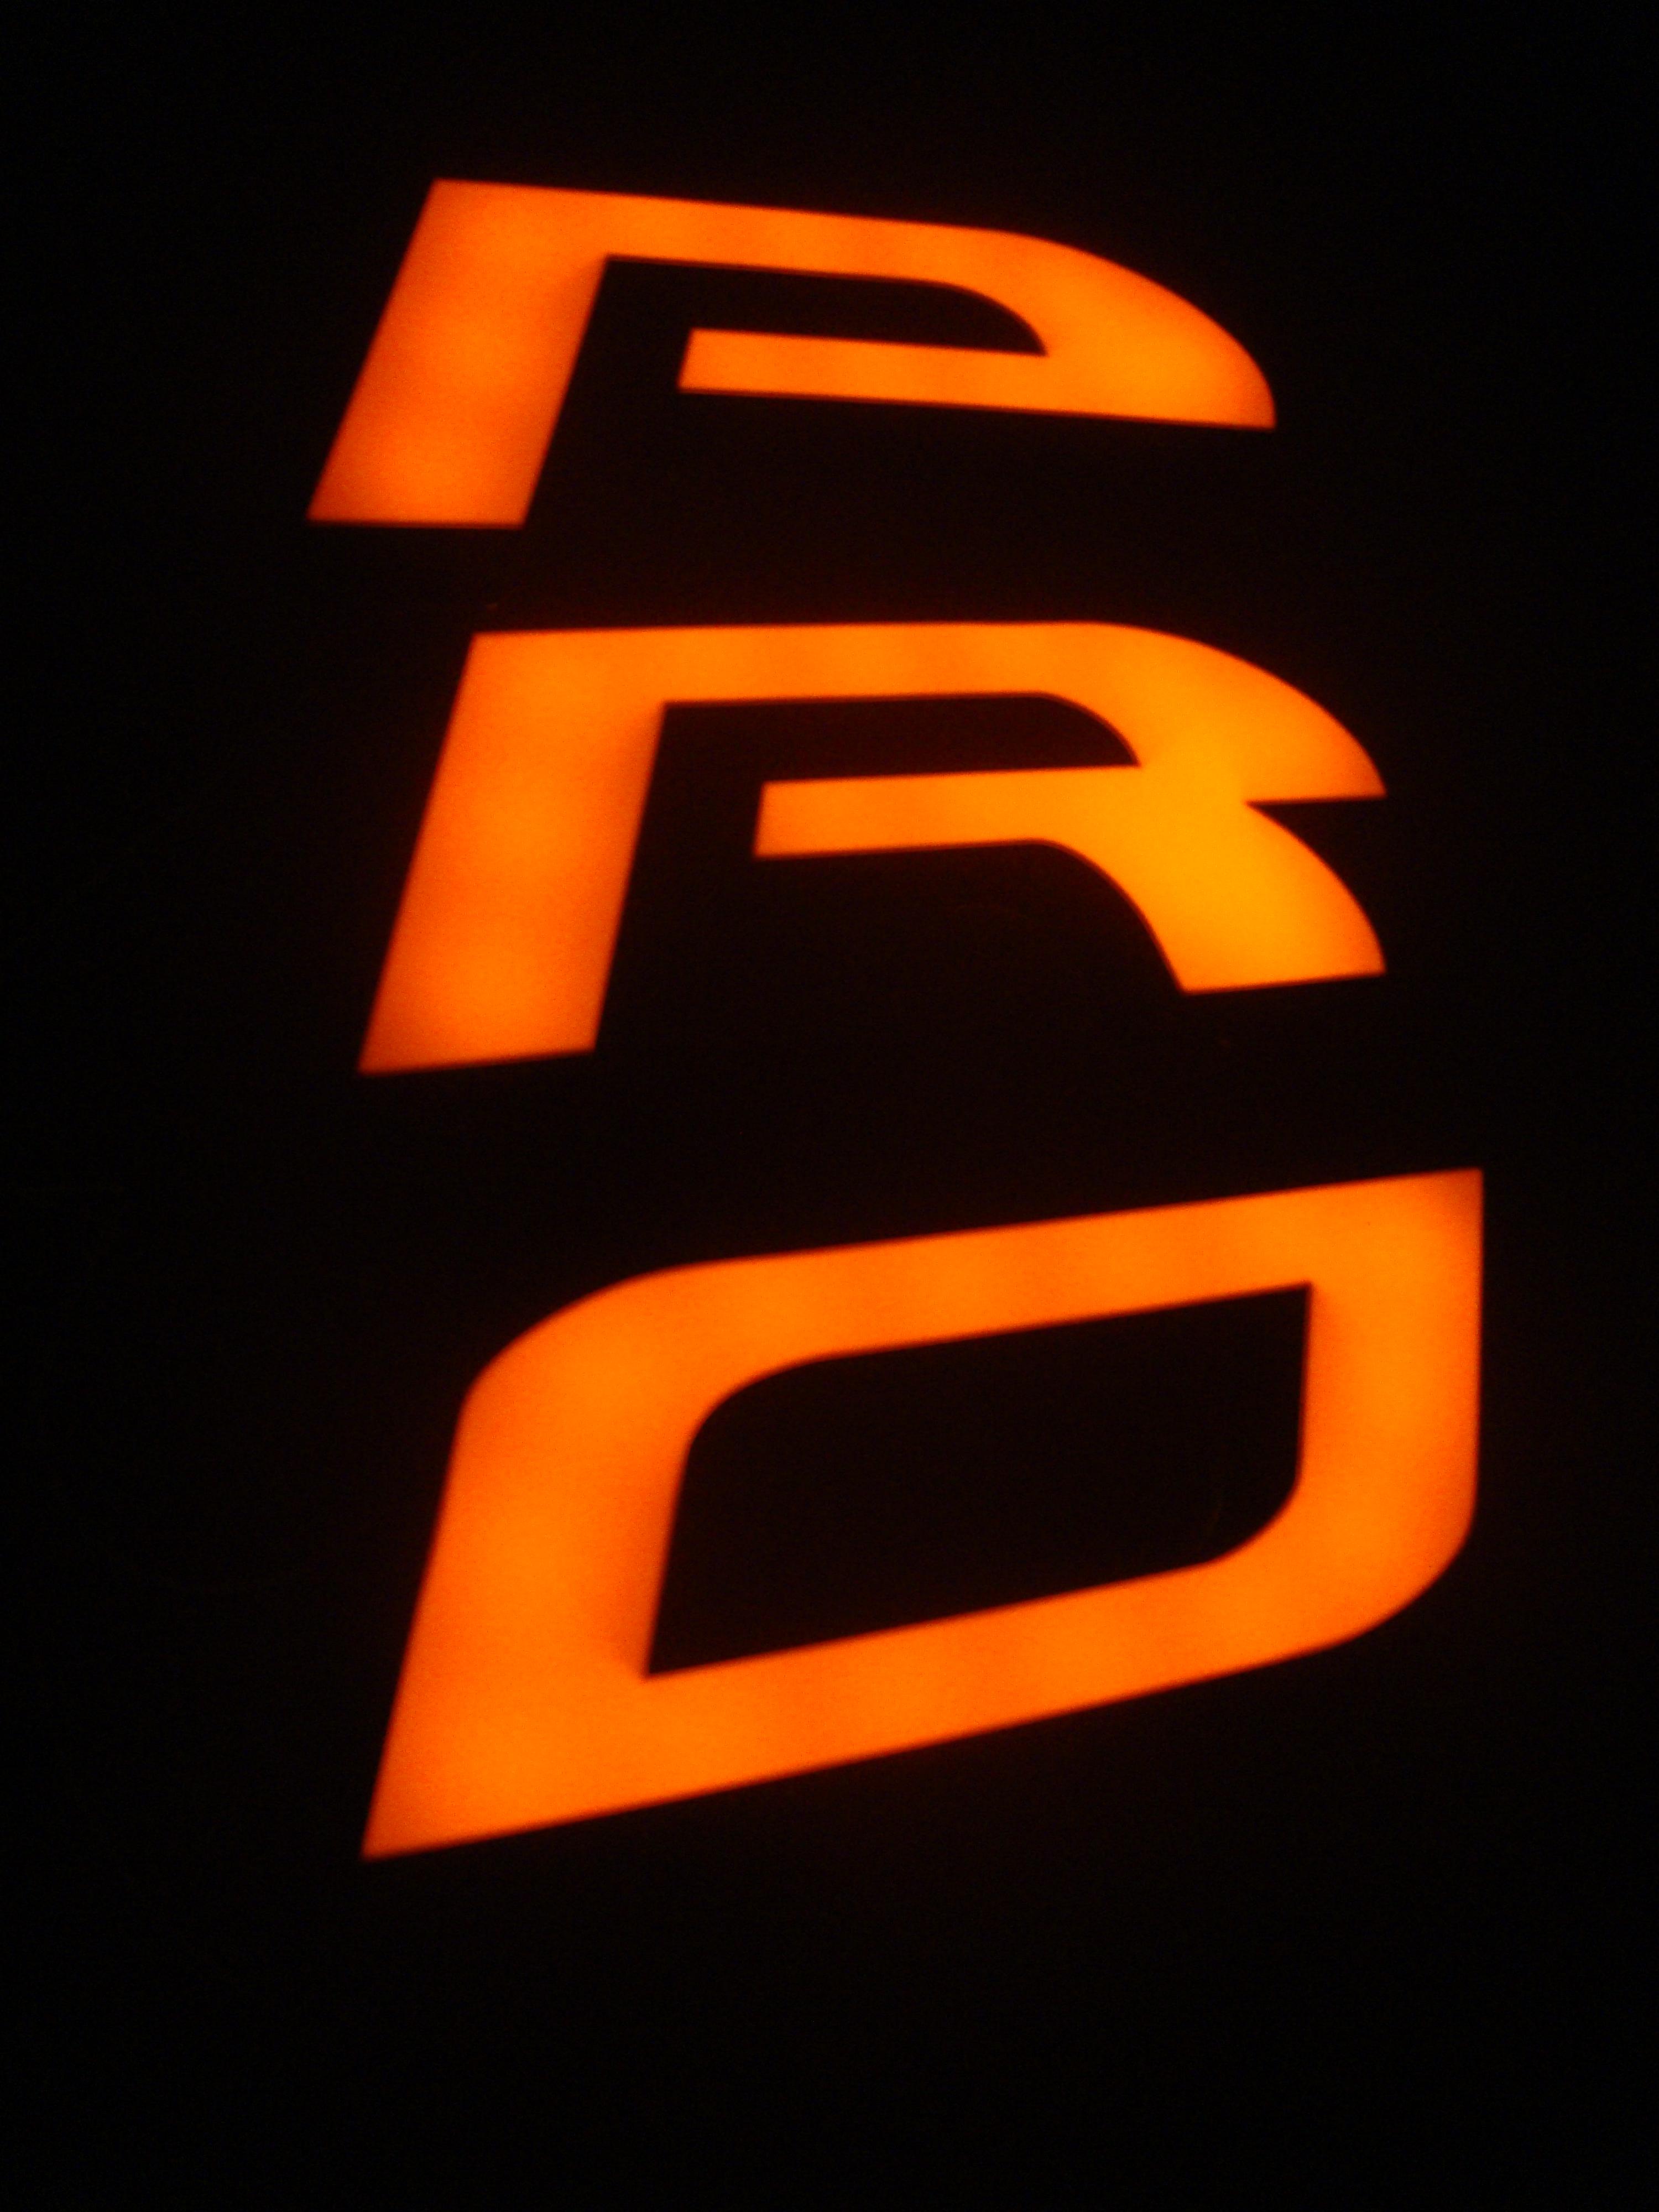 litery 3D czarne boki pomarańczowe lico